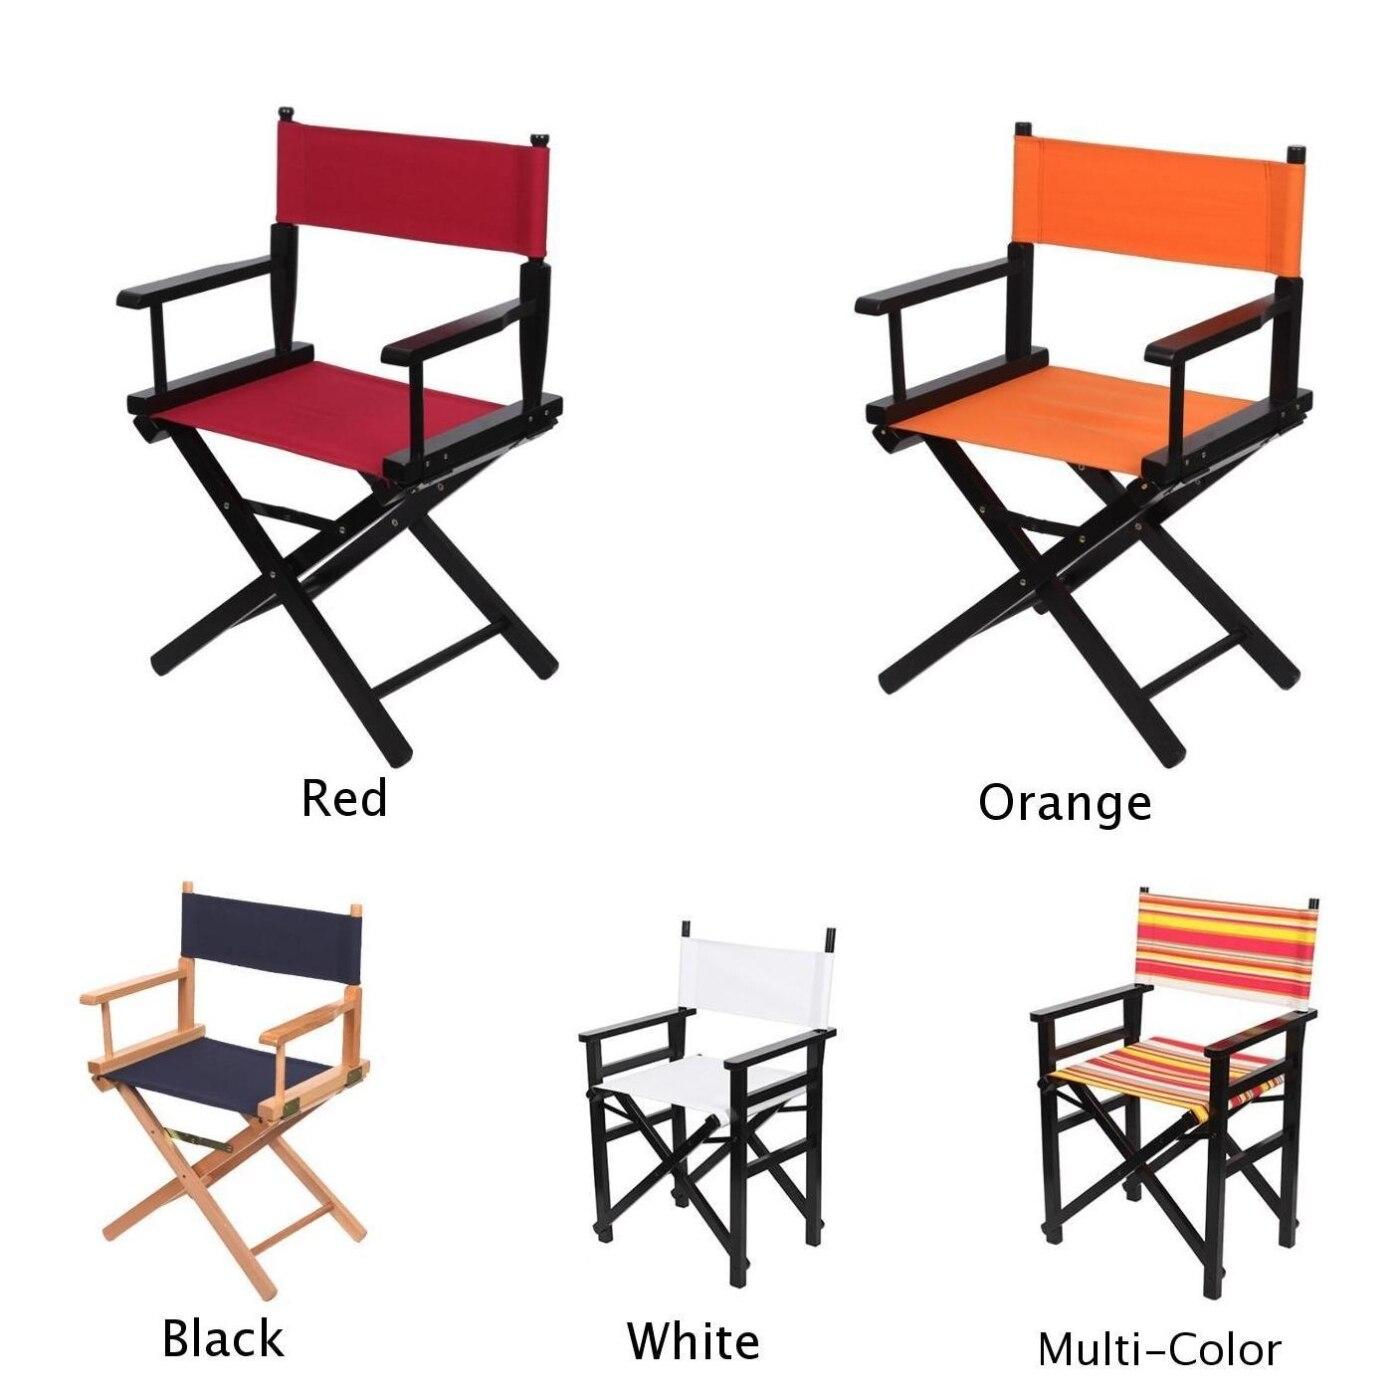 Купете Quot Градински мебели Quot от Алиекспрес на добра цена